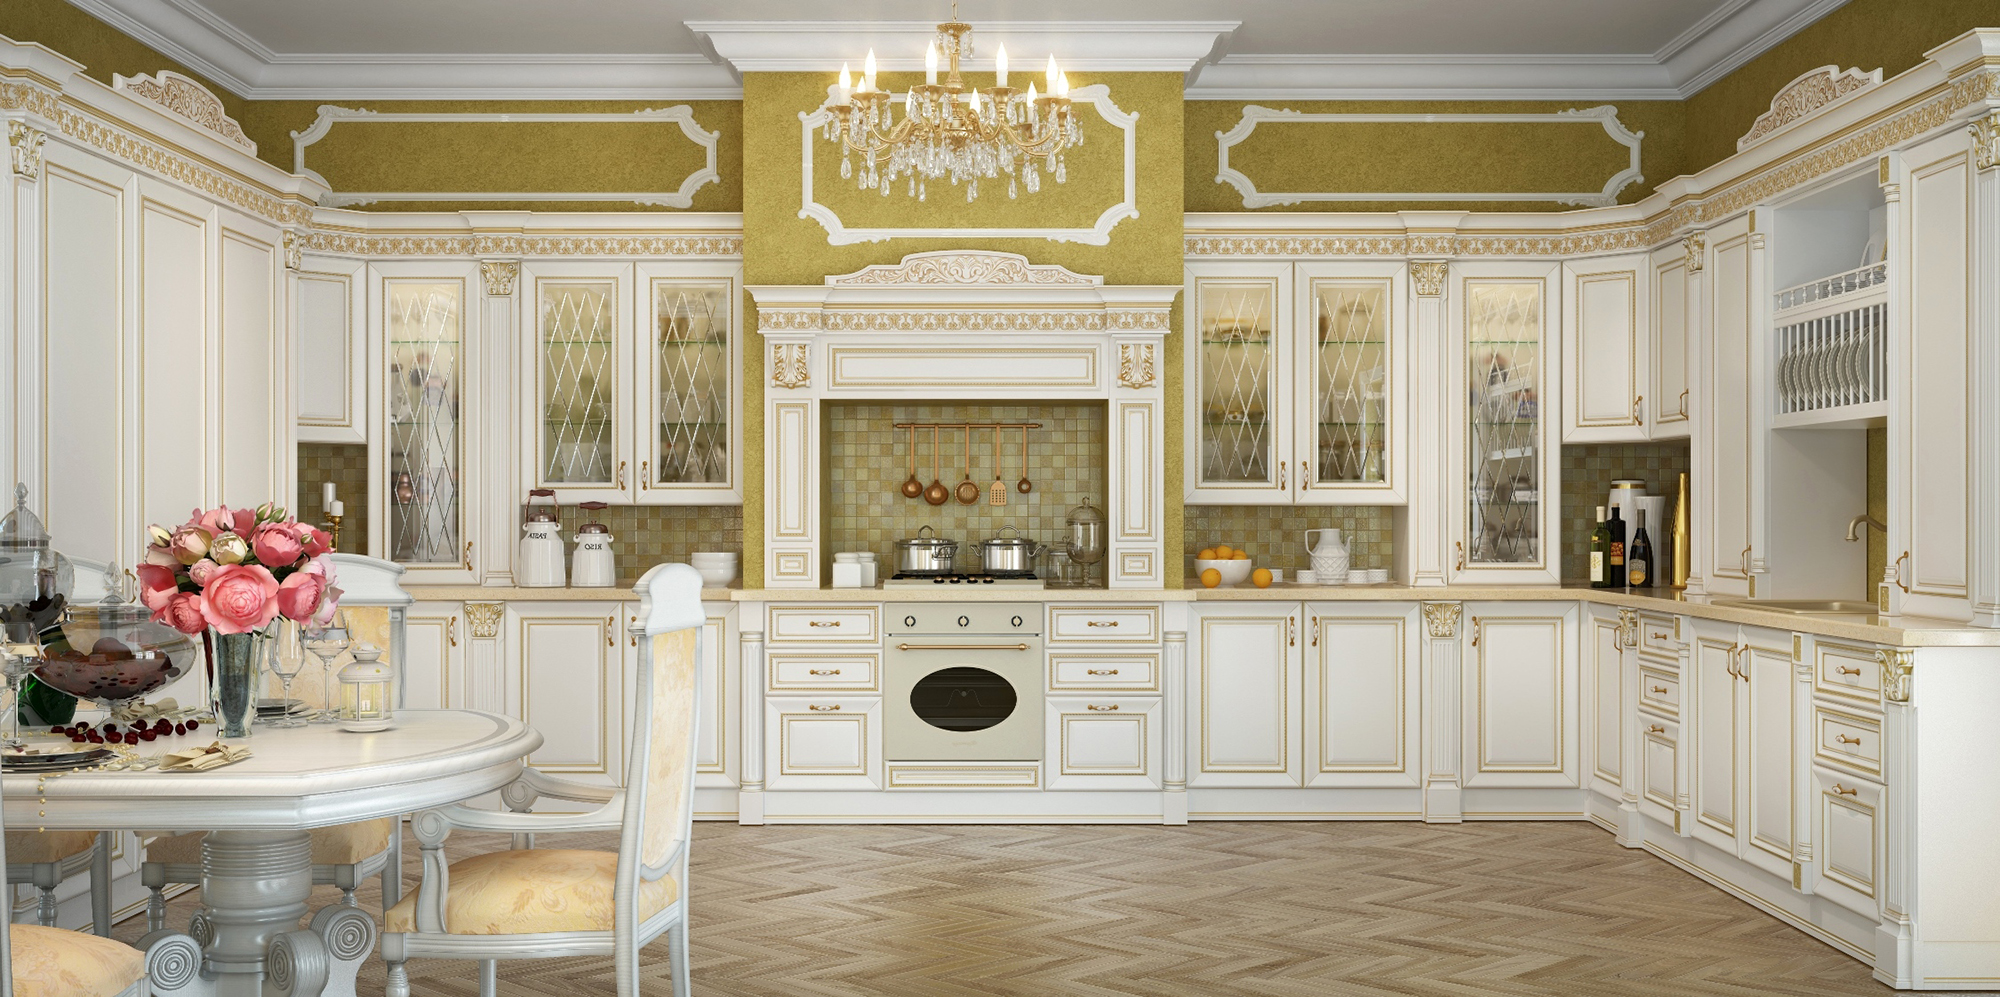 Фартук из мелкой плитки в классической кухне